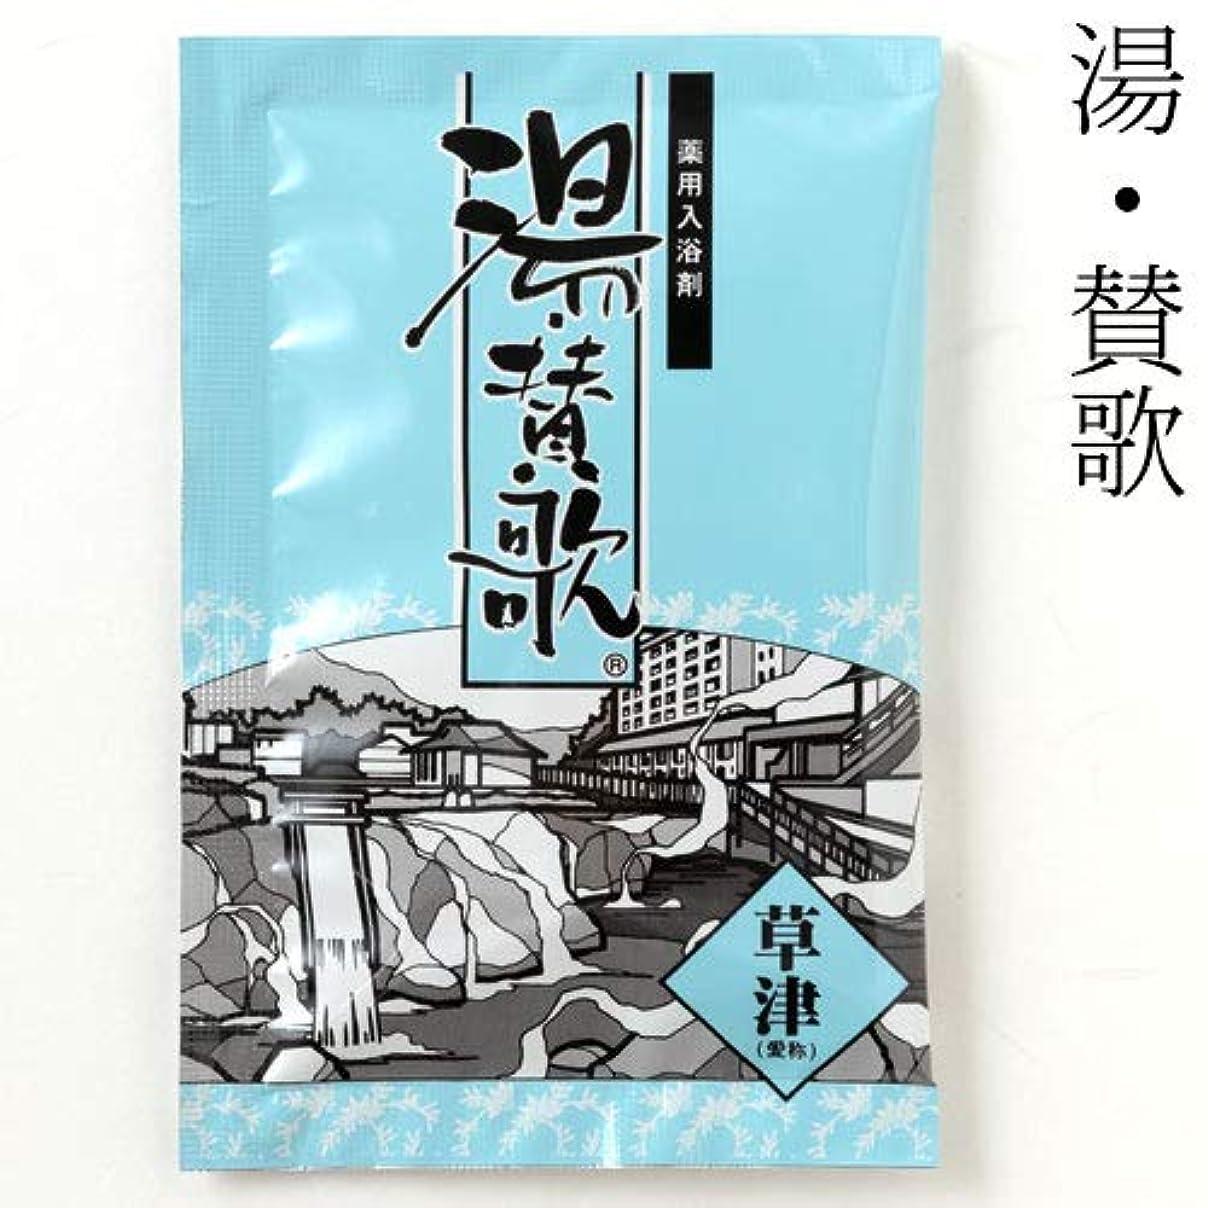 潜在的な睡眠決して入浴剤湯?賛歌草津1包石川県のお風呂グッズBath additive, Ishikawa craft